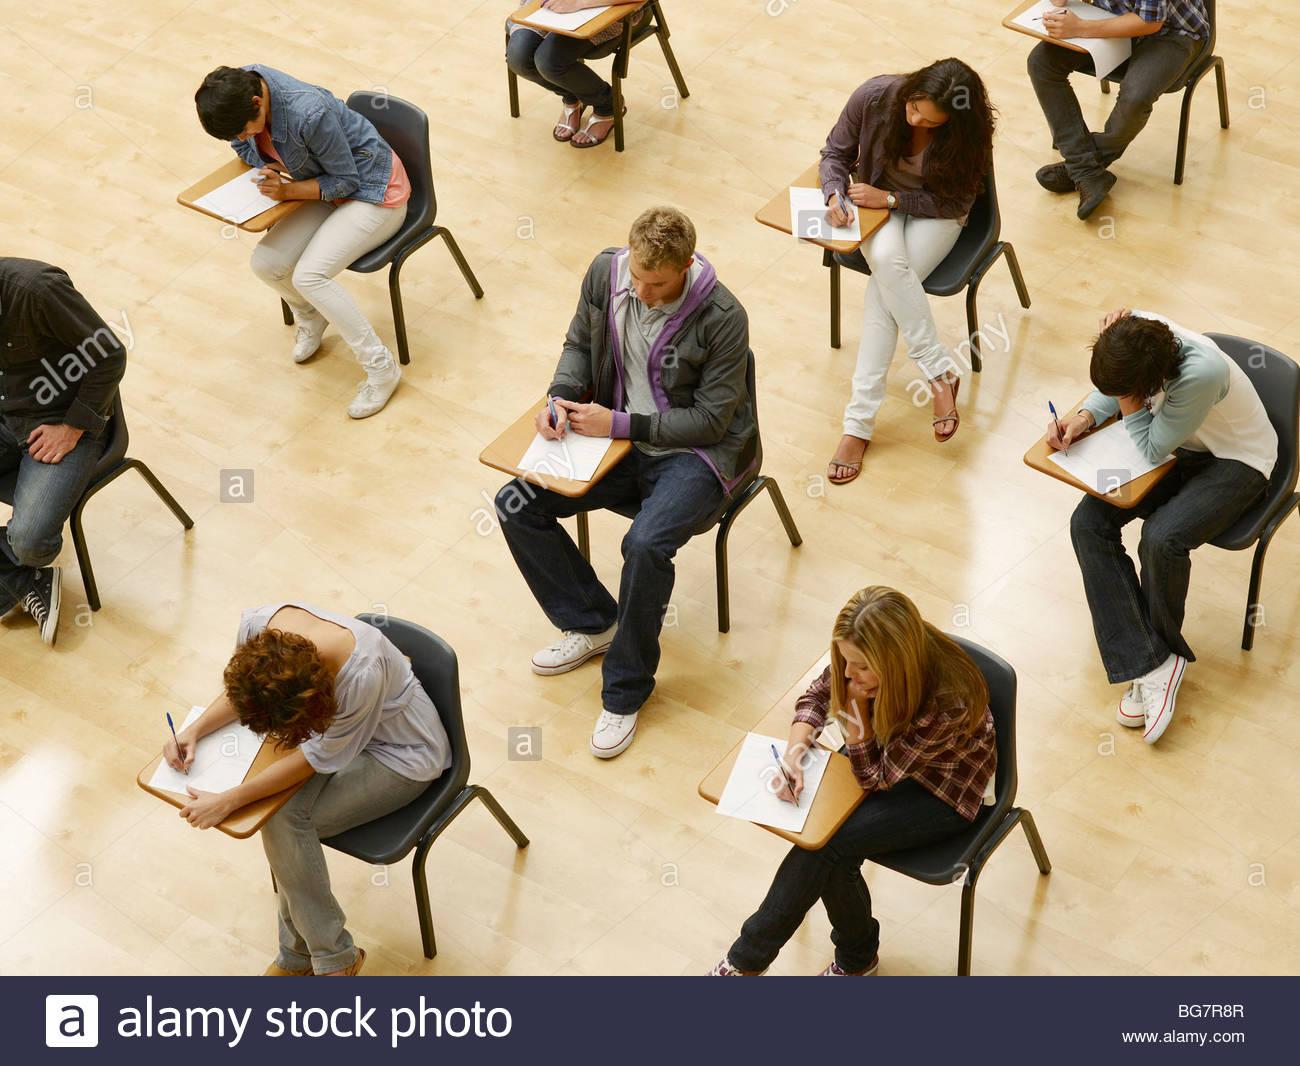 Los estudiantes universitarios tomando pruebas en aula Imagen De Stock